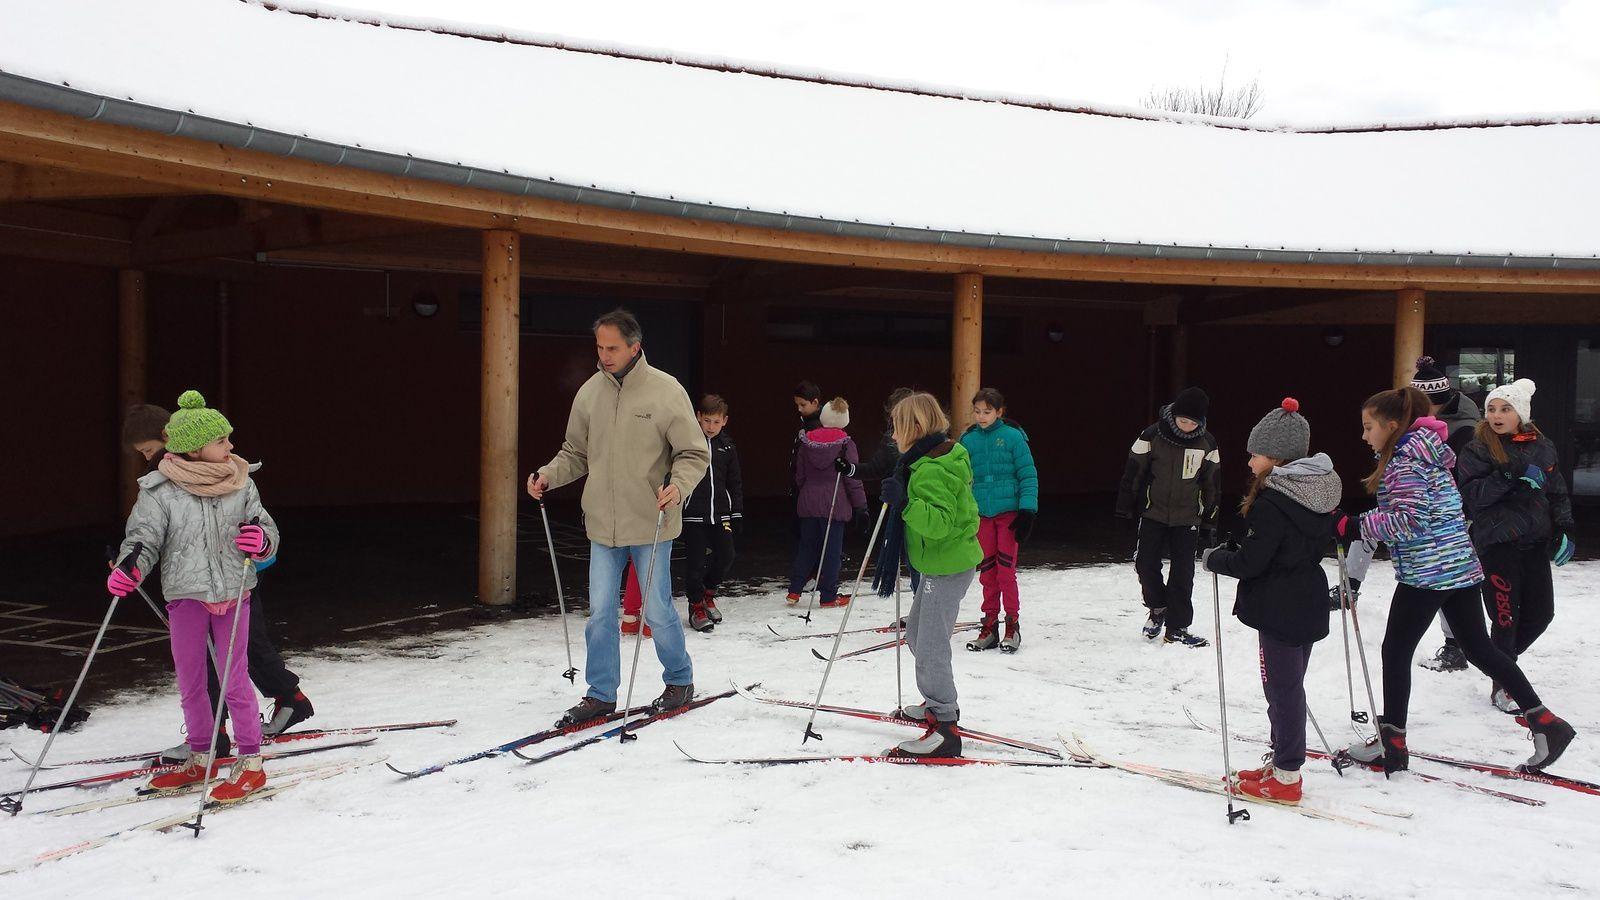 Ski de fond dans la cour